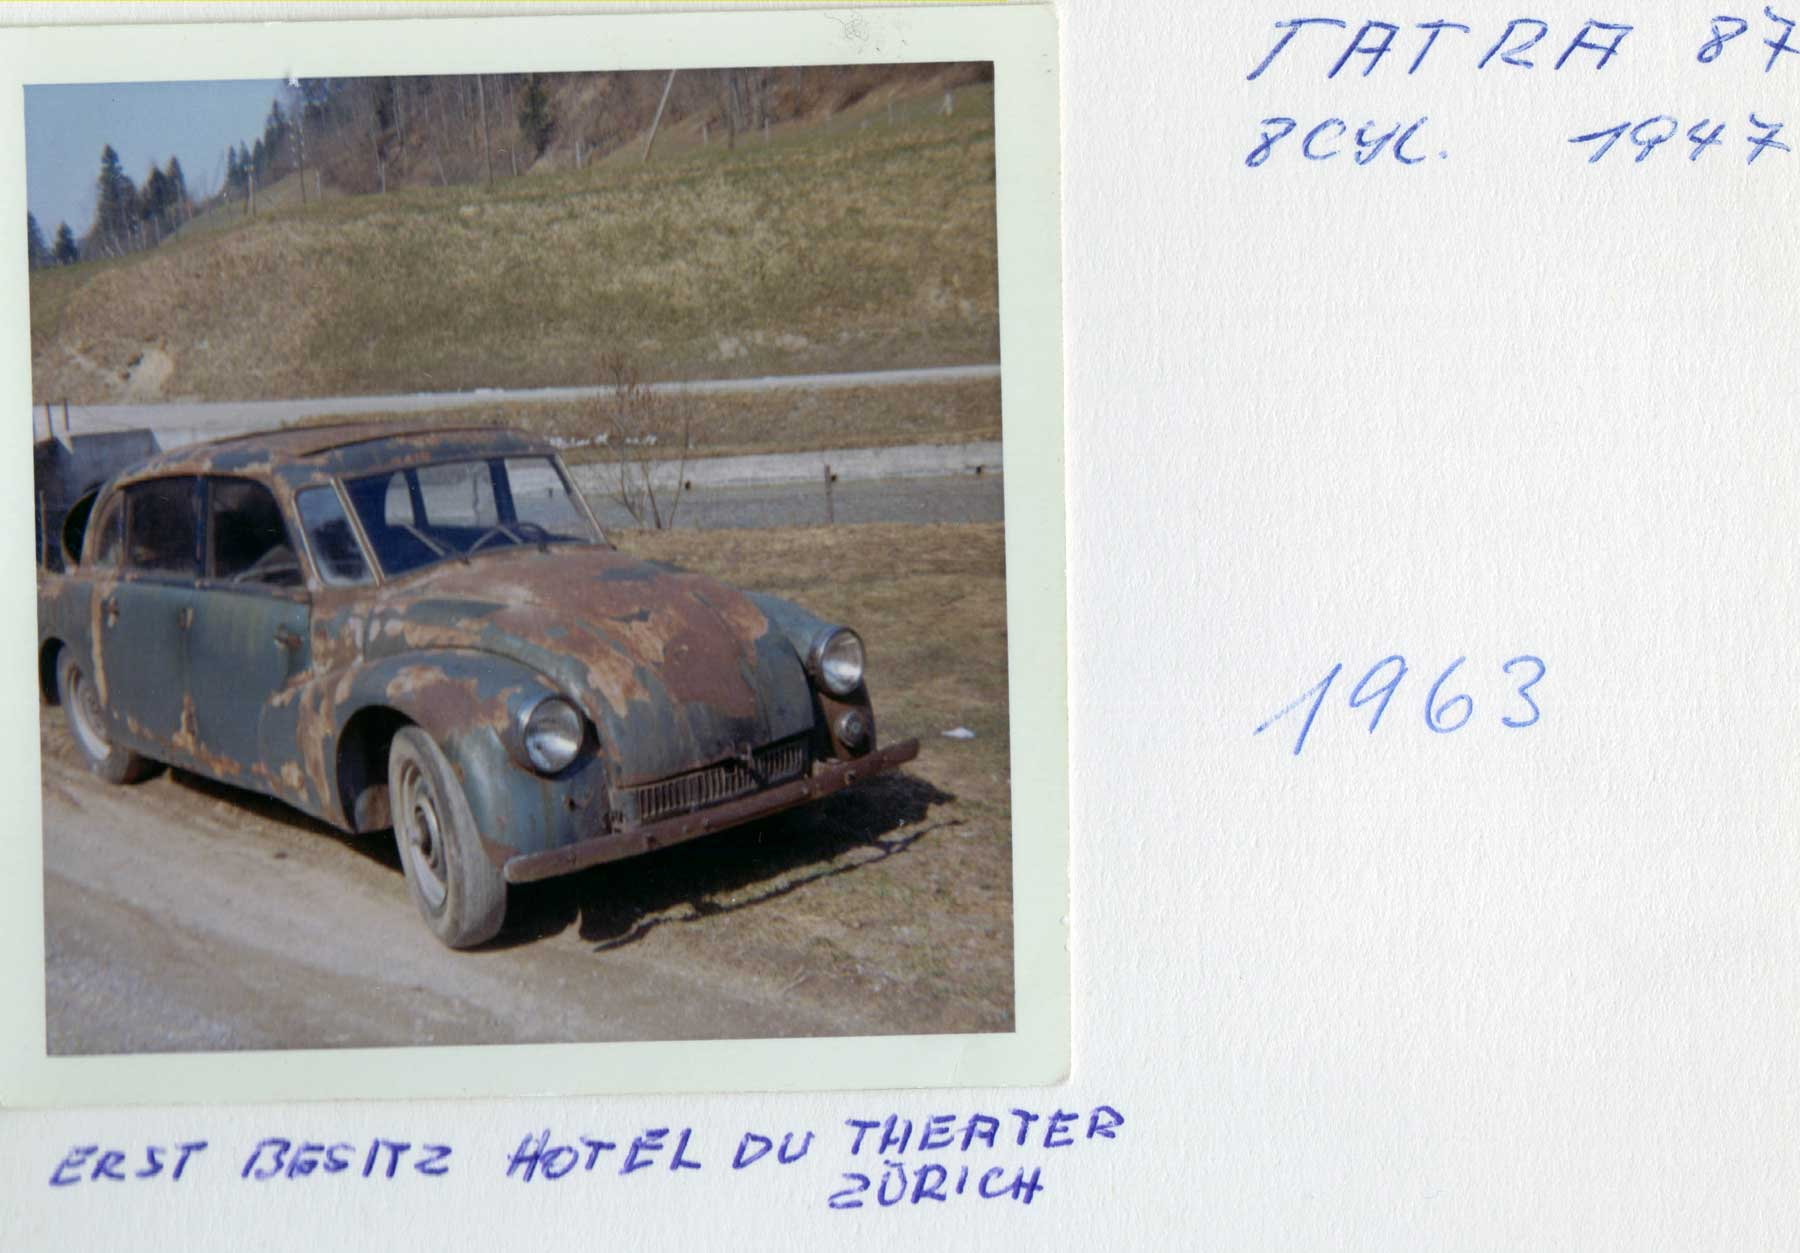 BergerT87r_1947_T87_a